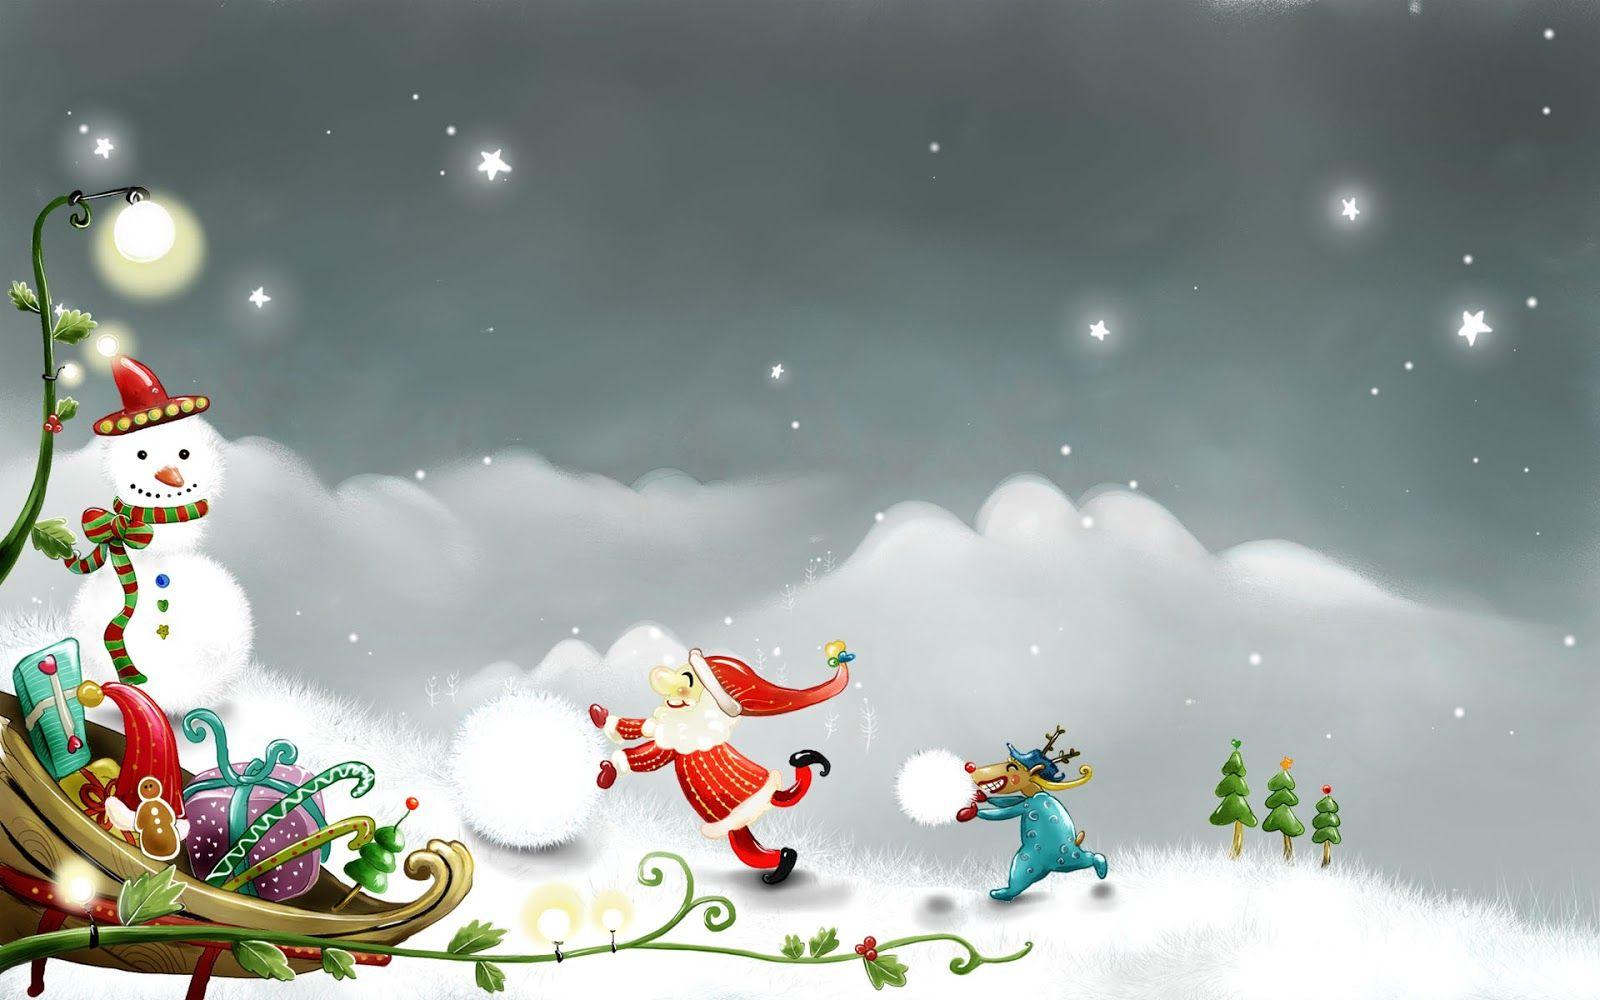 High Resolution Christmas Widescreen Wallpaper Christmas Wallpaper Backgrounds Funny Christmas Wallpaper Merry Christmas Wallpaper